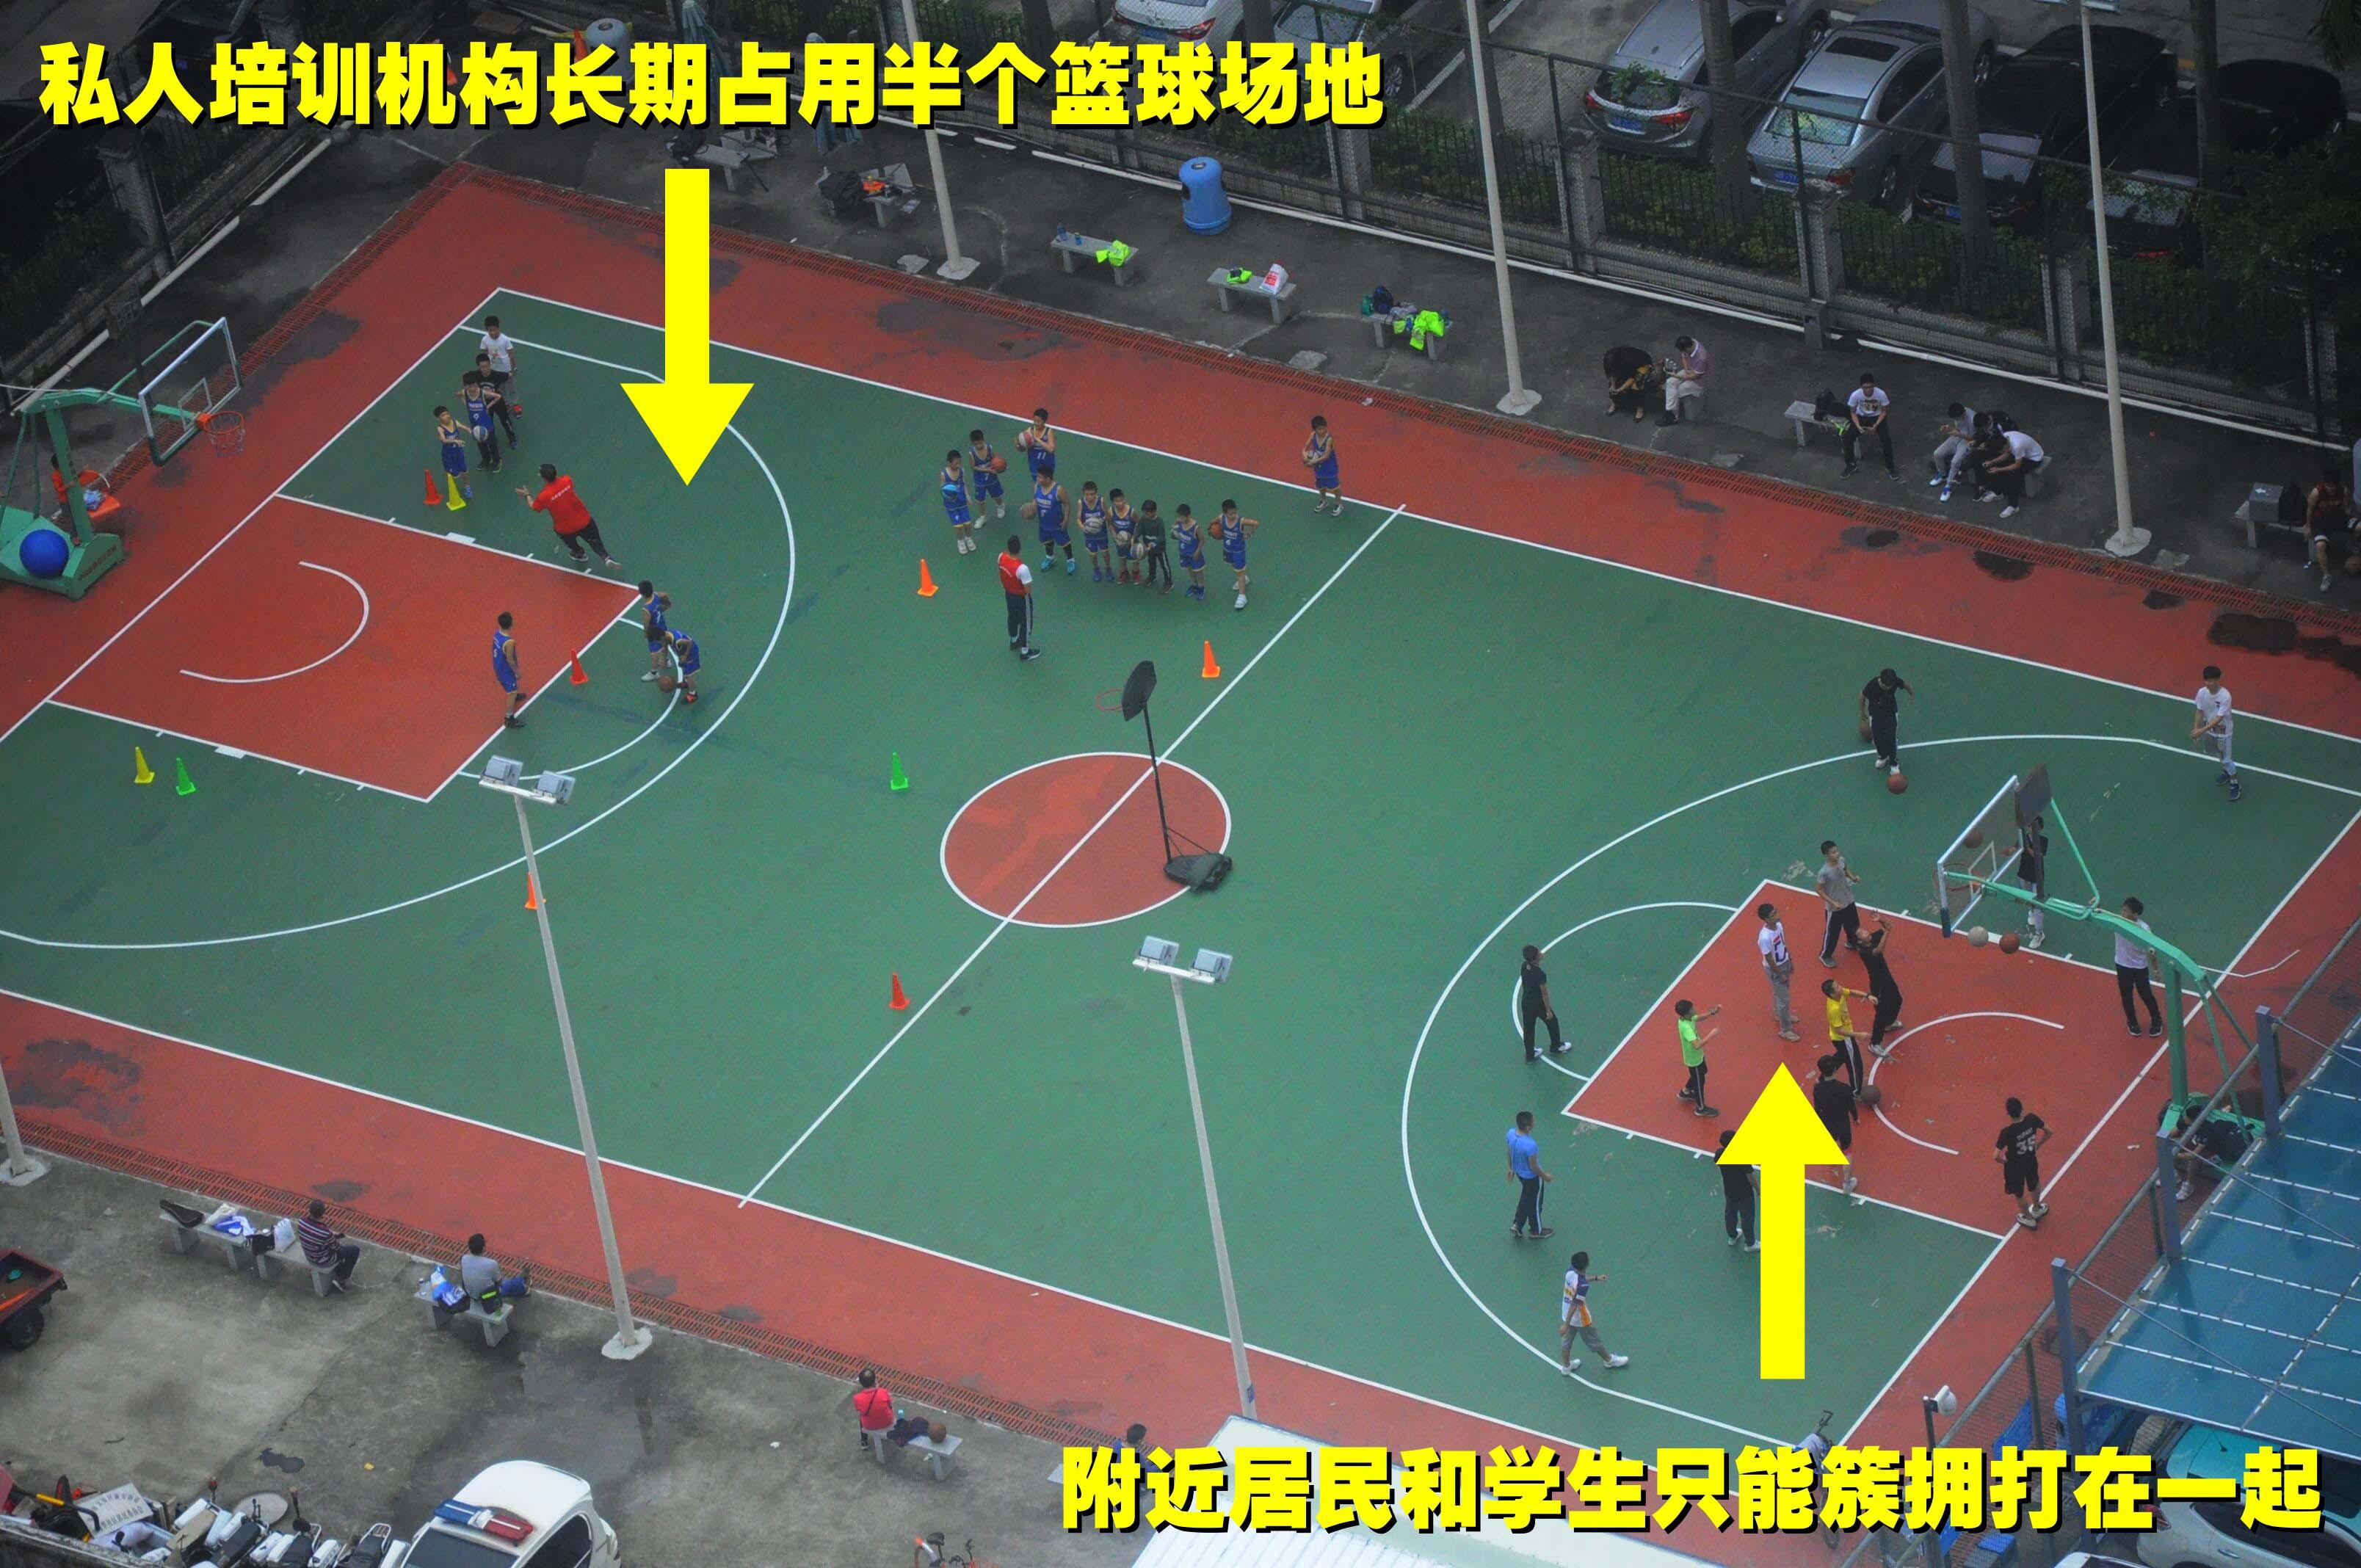 海华社区以权谋私擅自出租篮球场